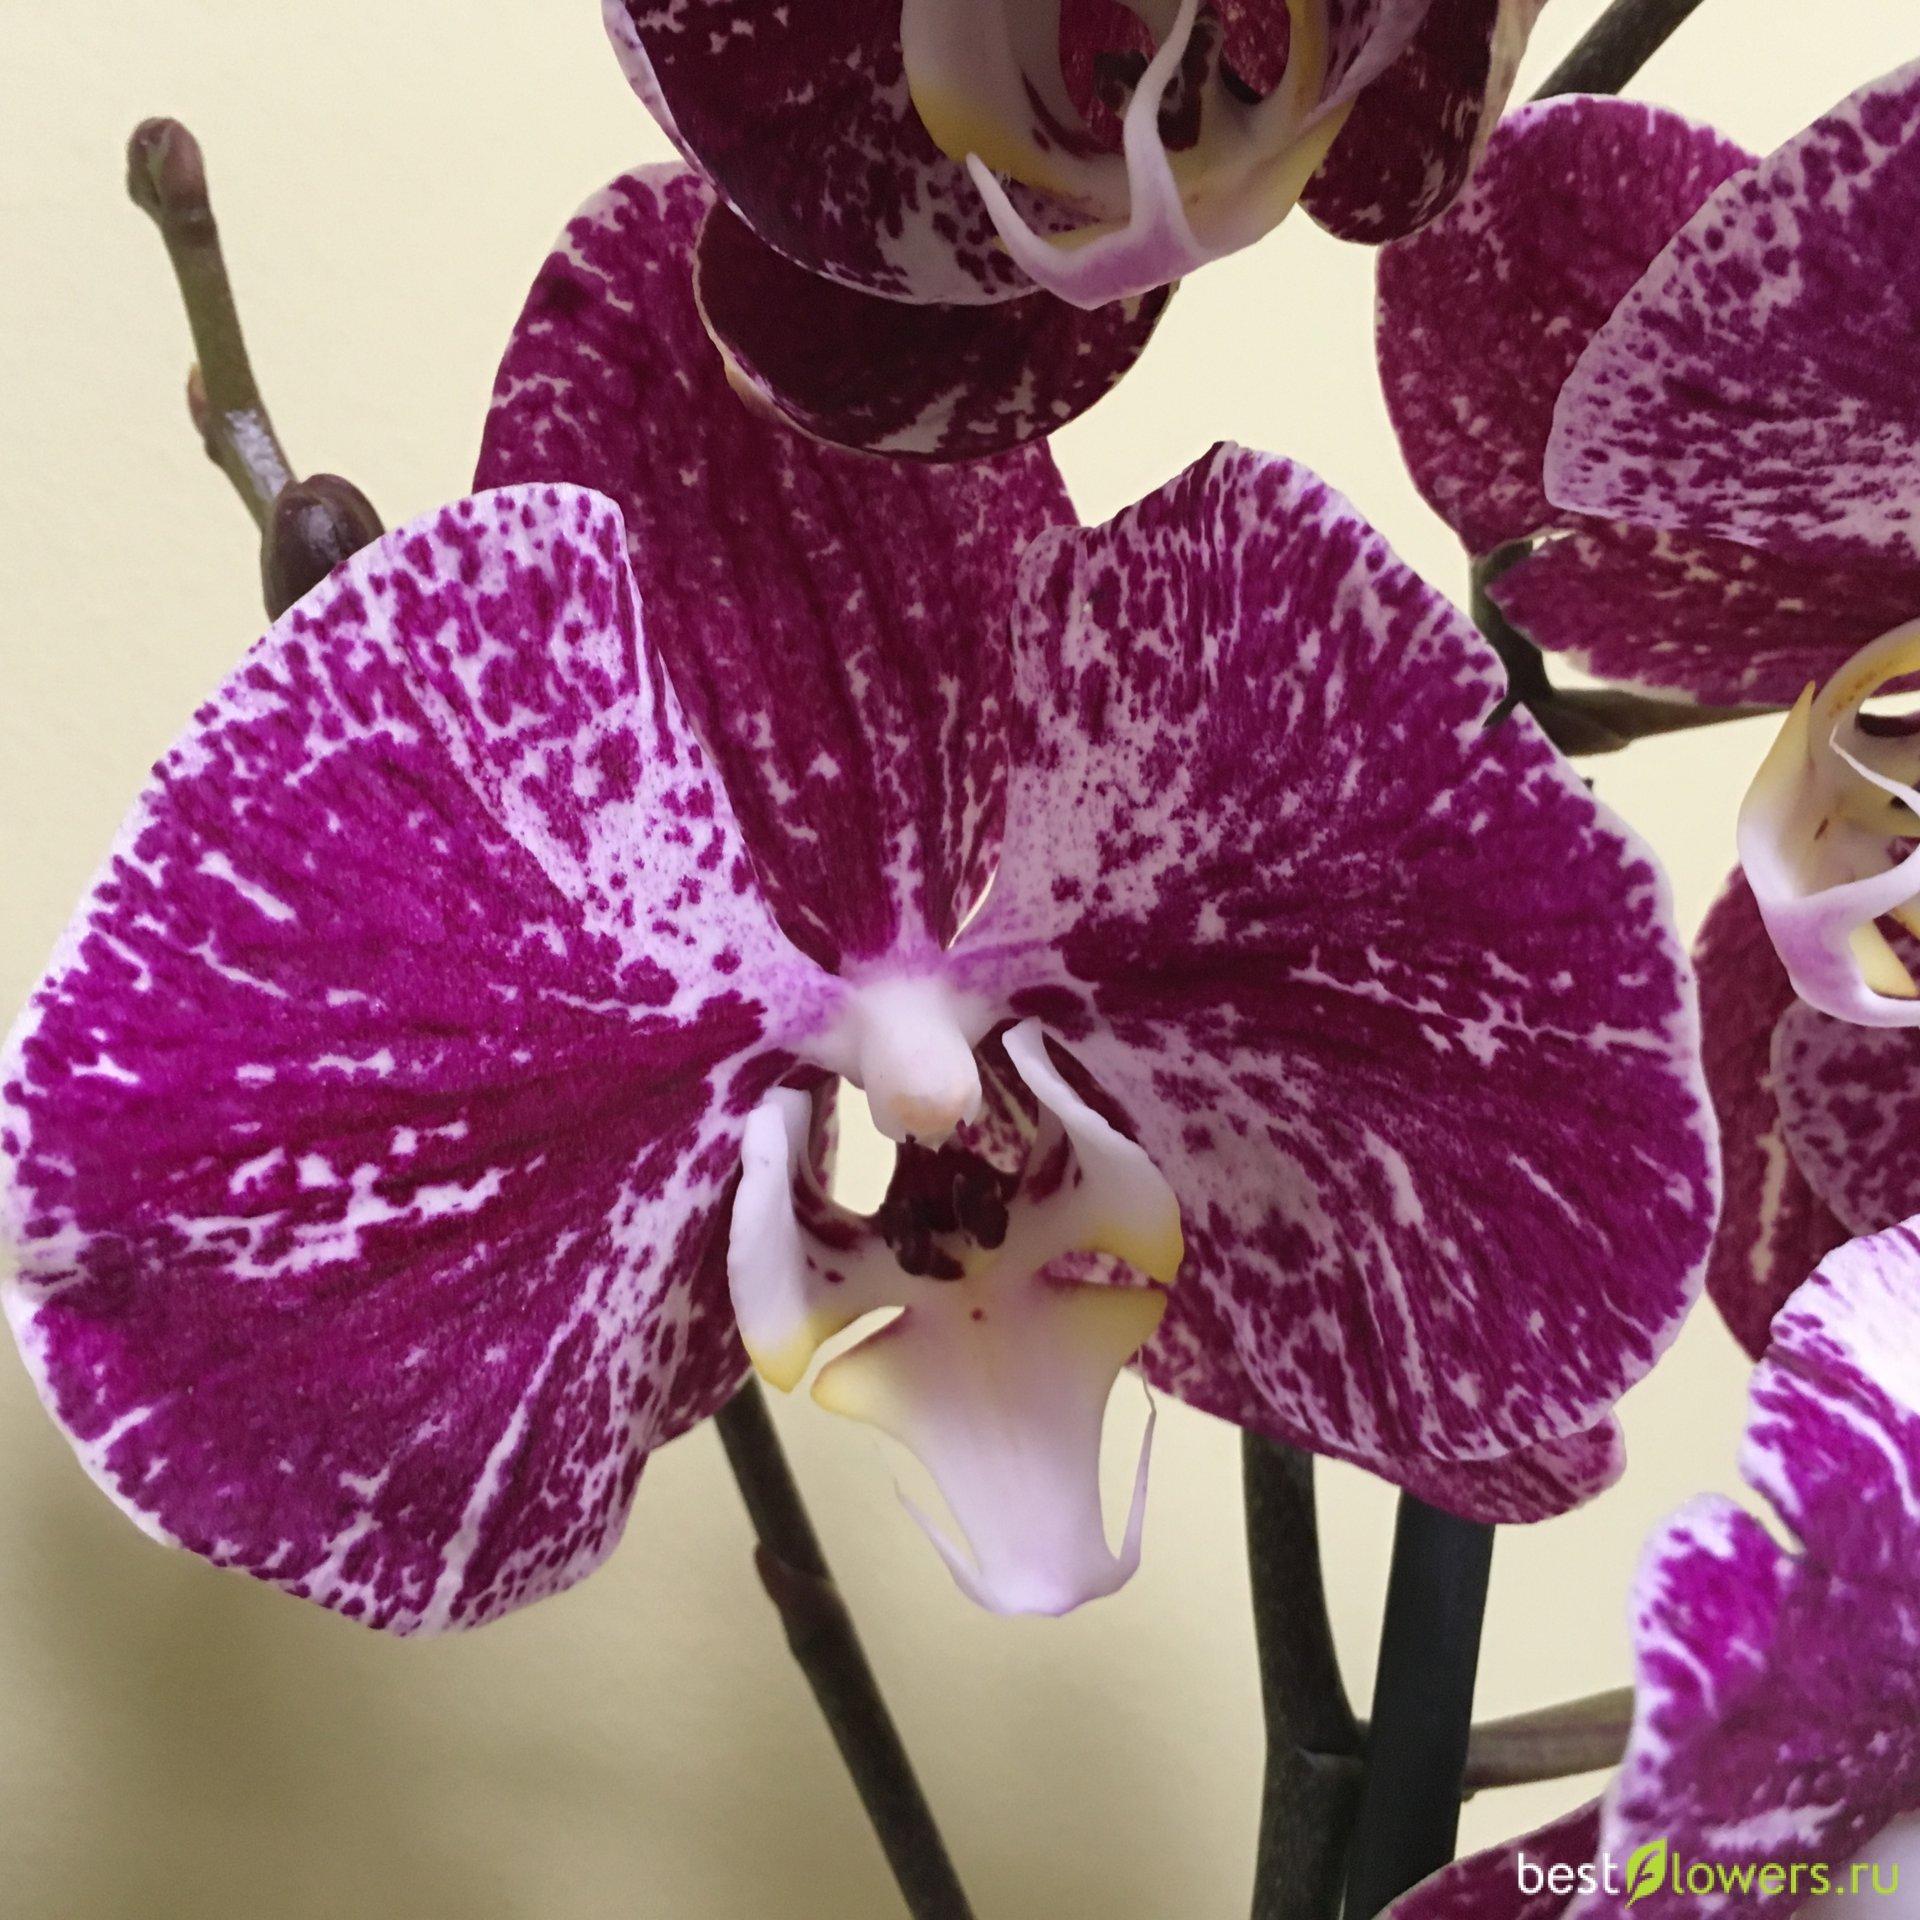 орхидея джулия фото настолько интересная область